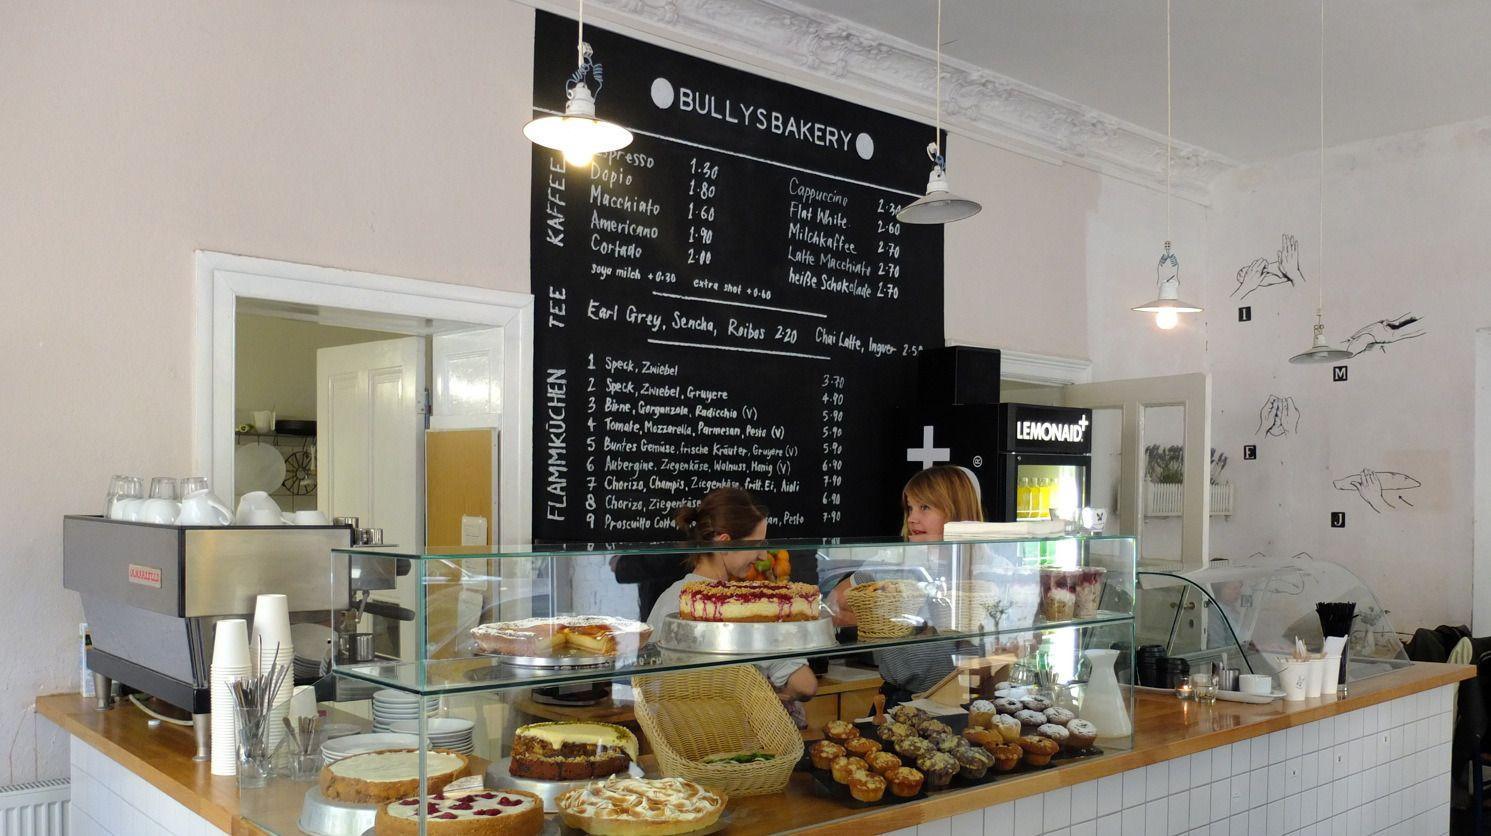 The 25 best restaurants in Berlin | Berlin, Bakery, Restaurant